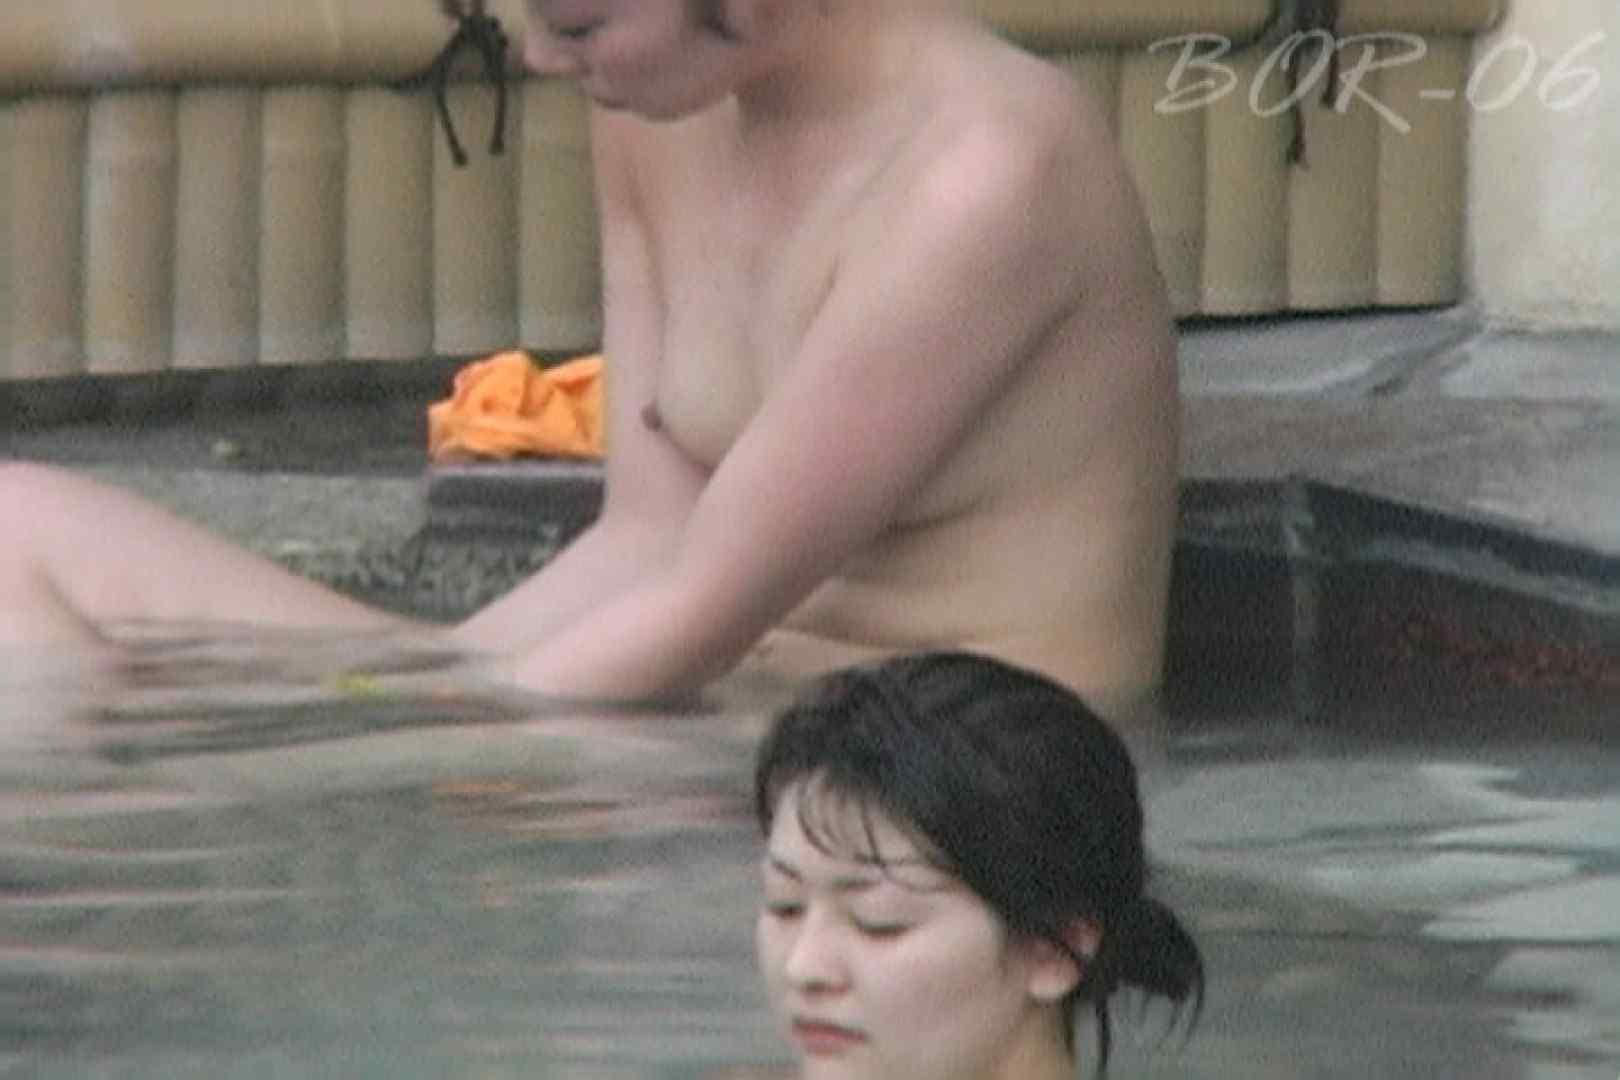 Aquaな露天風呂Vol.522 盗撮  55画像 18